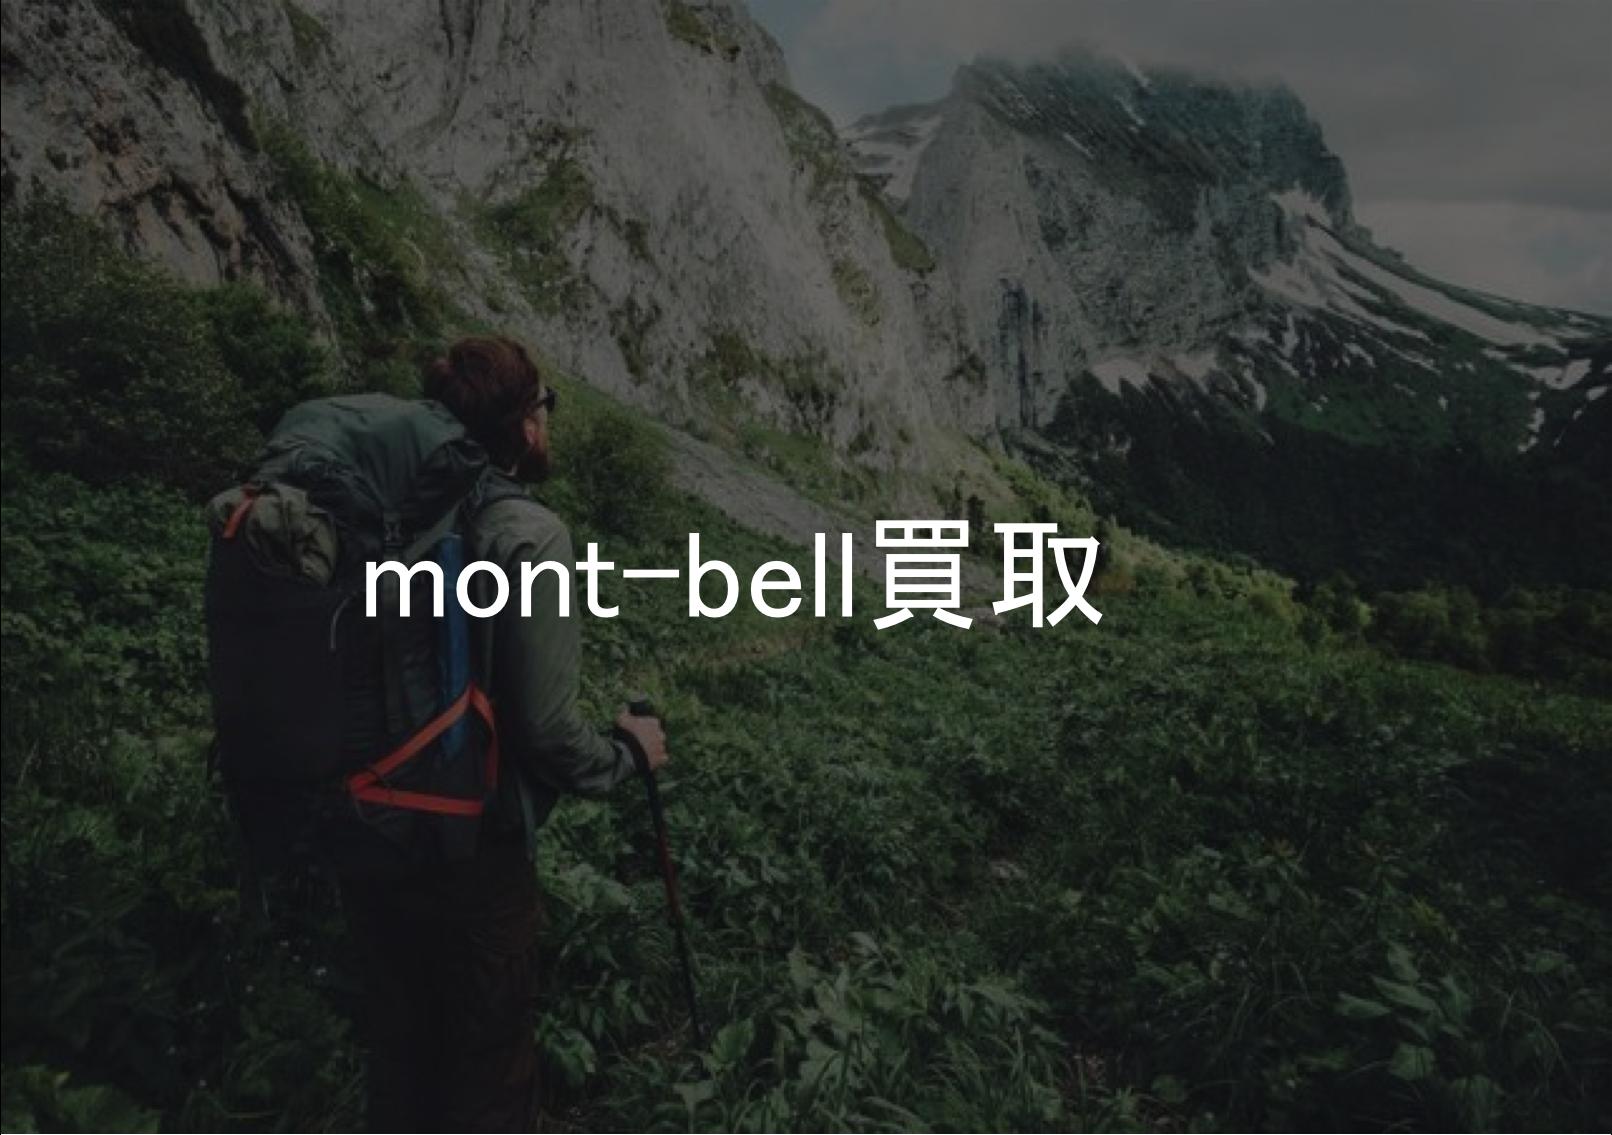 モンベル(mont-bell)買取なら